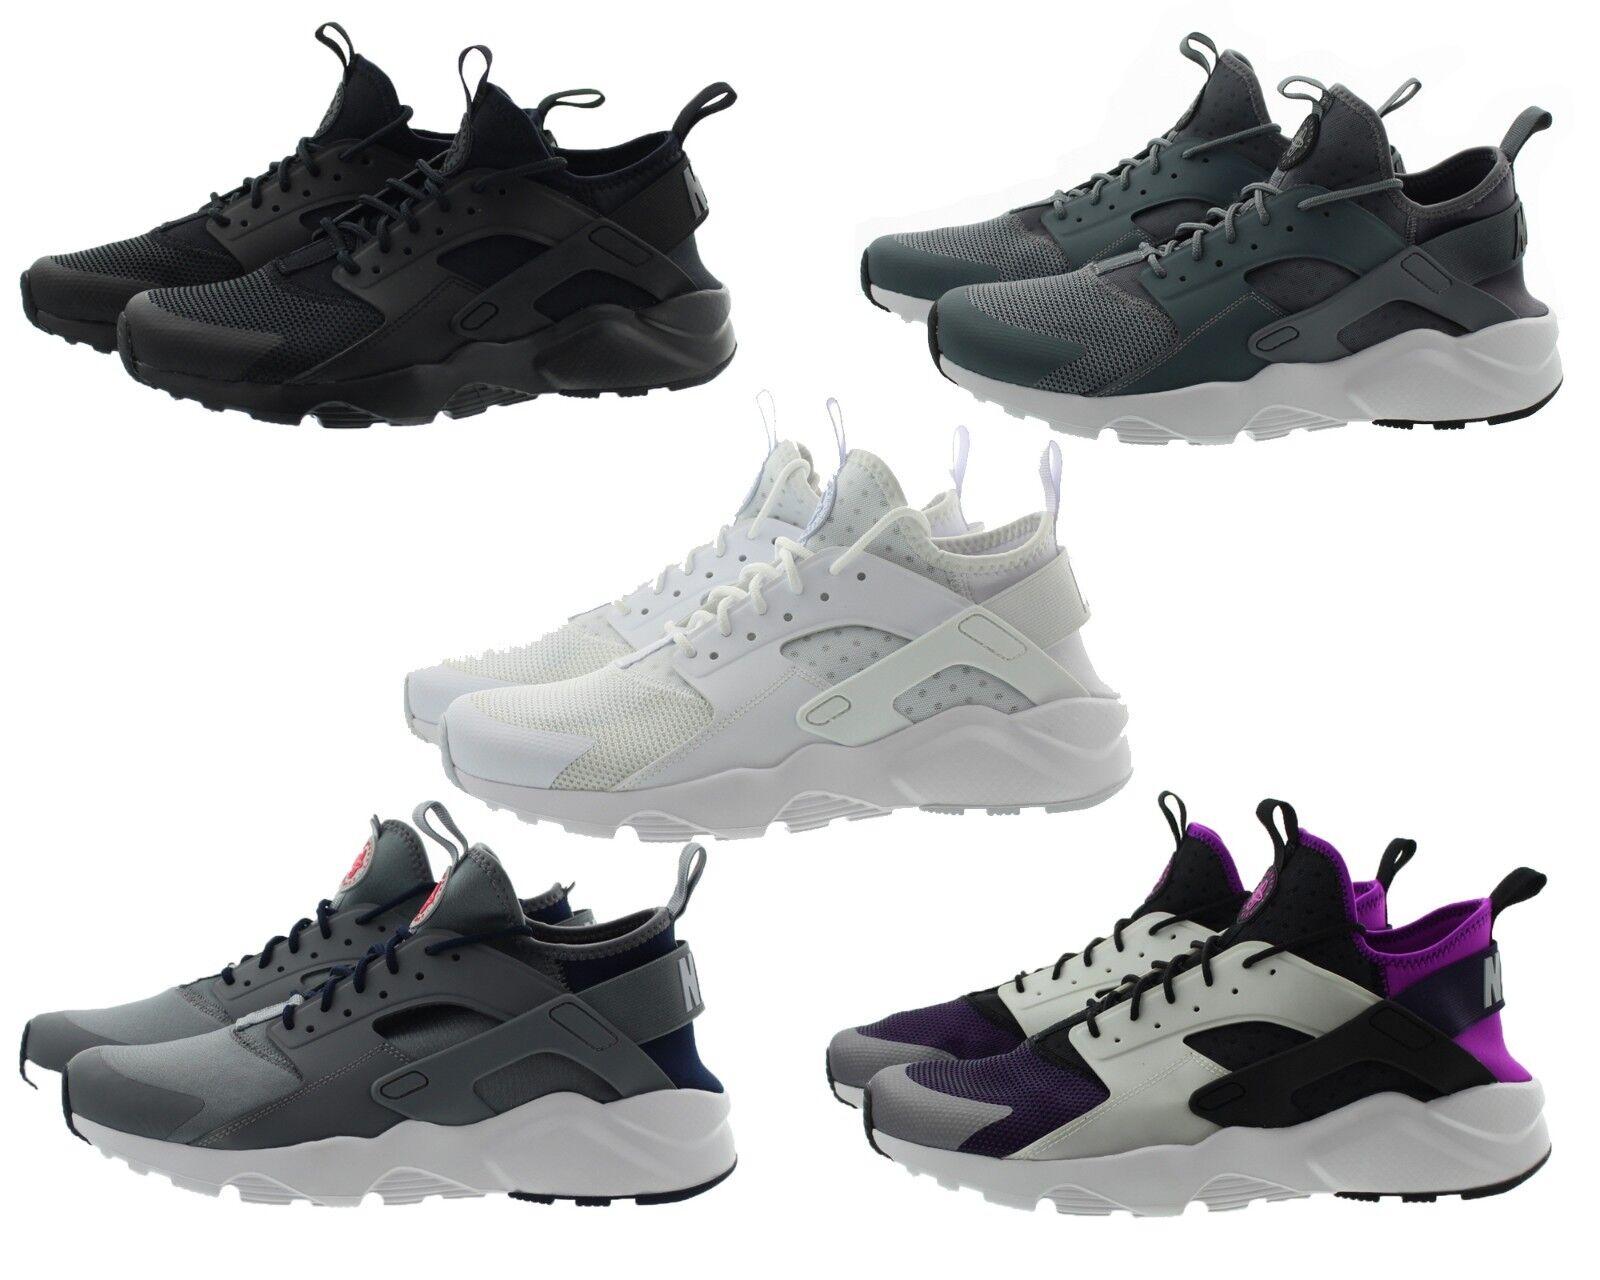 Nike Air Huarache Run Ultra Black White Running Shoes 819685 991 Wmns 819685 991